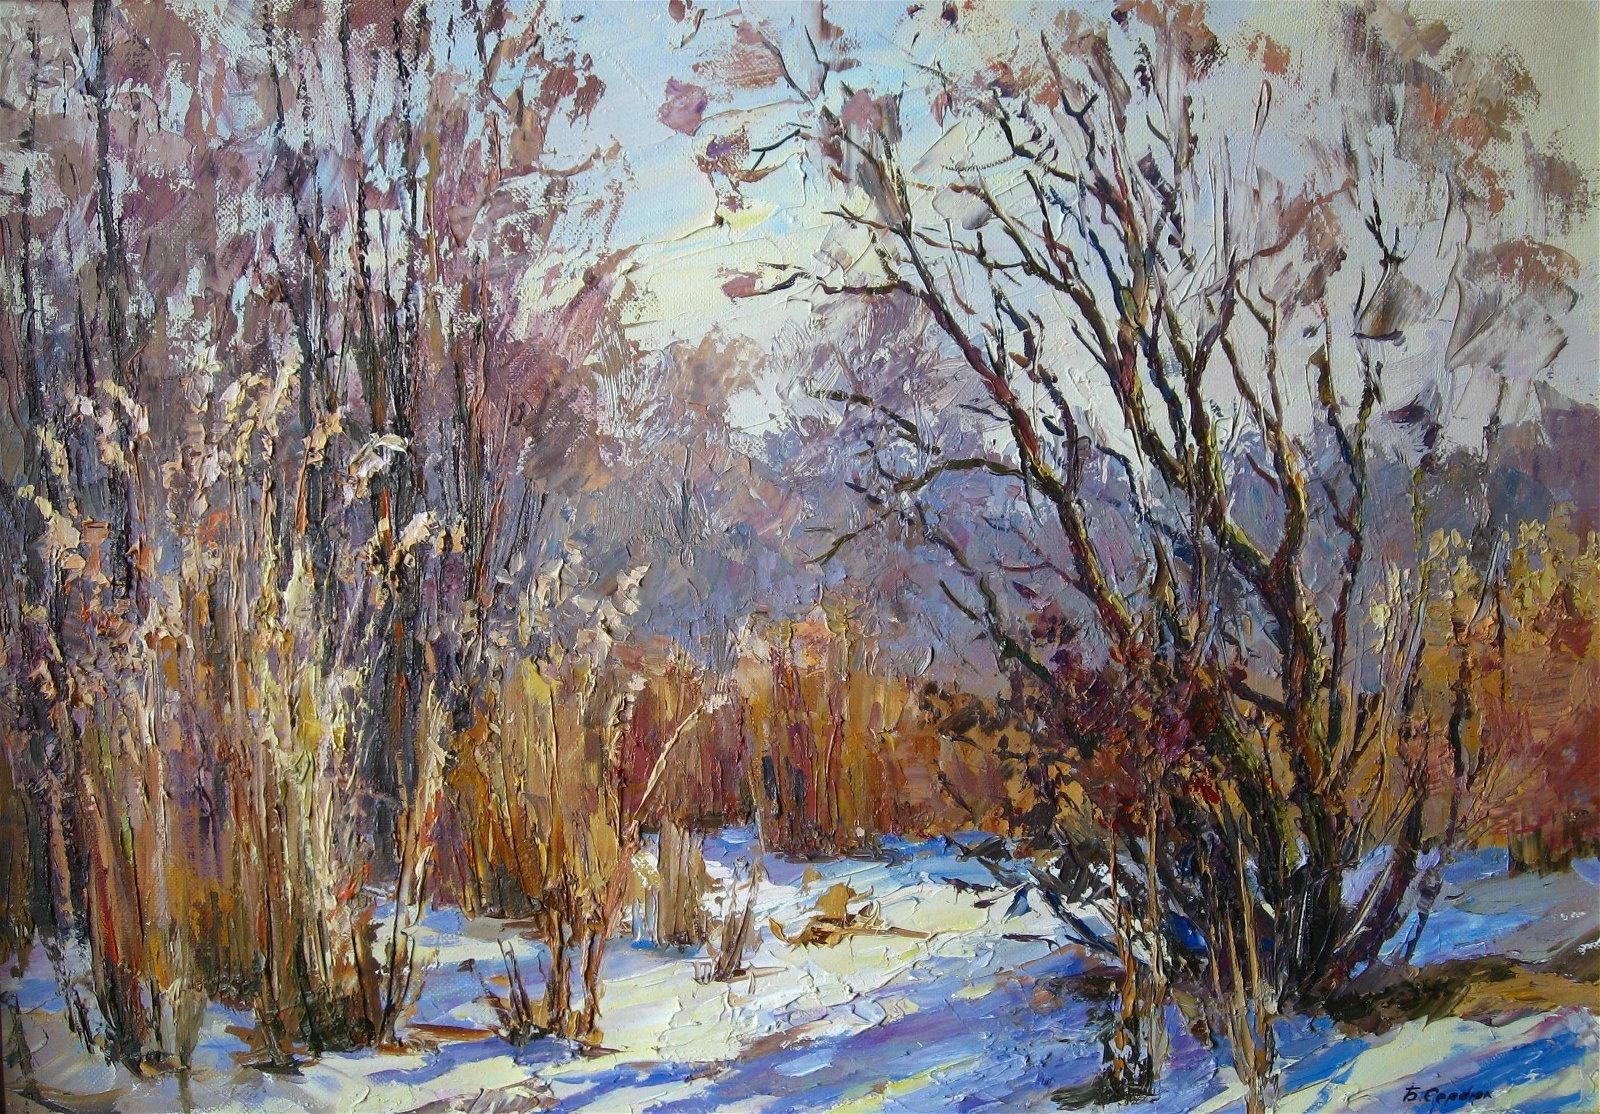 Oil painting Winter's Tale /  Serdyuk Boris Petrovich